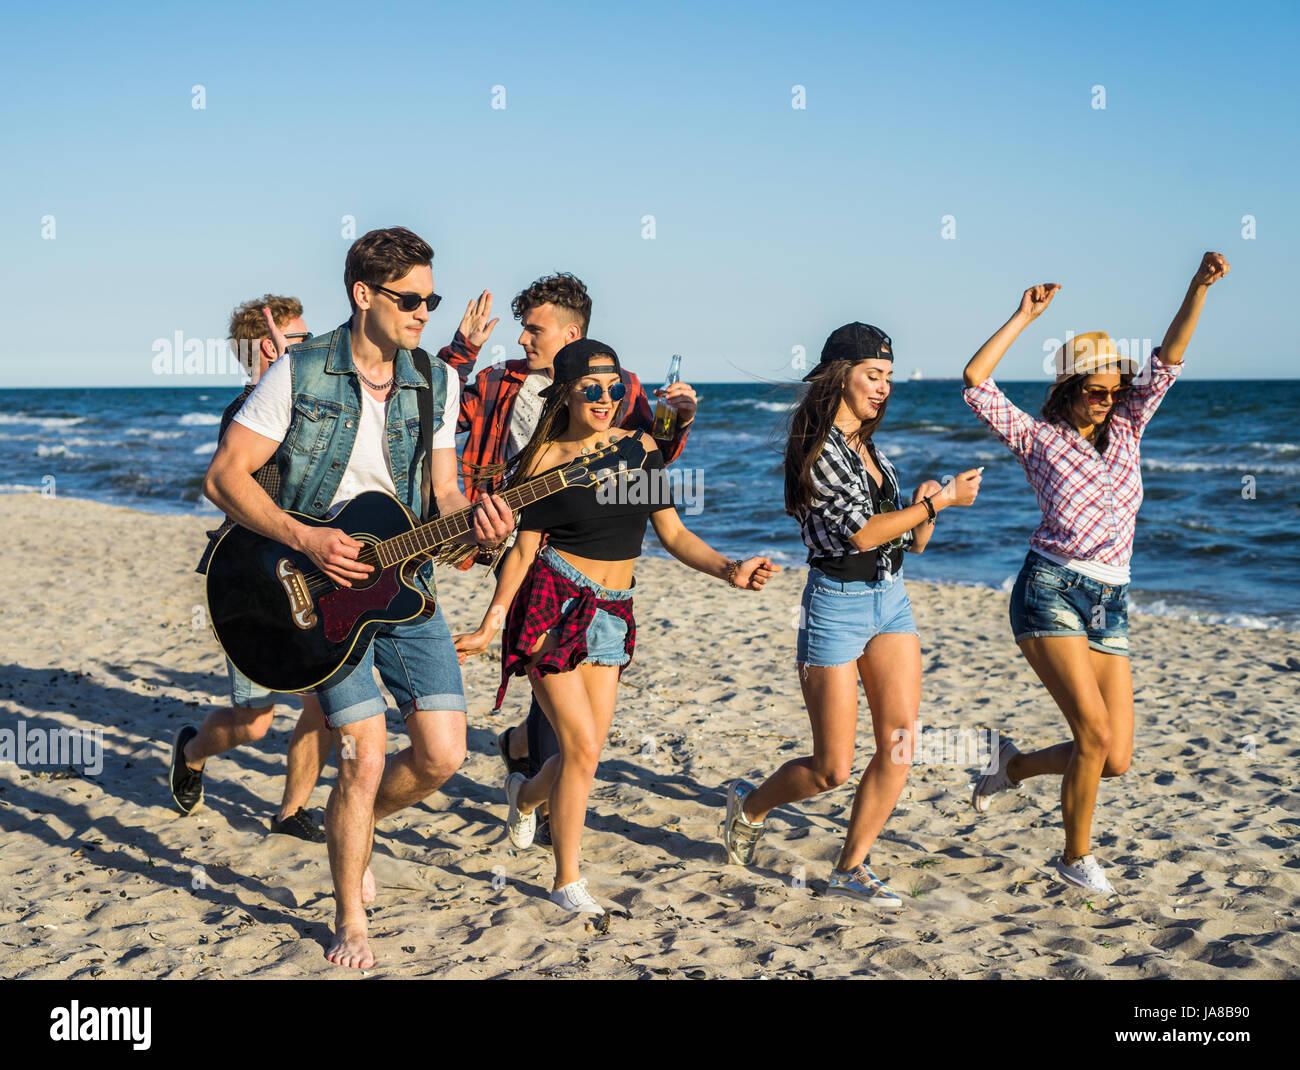 Uomo a suonare la chitarra sulla spiaggia e i suoi amici ballando intorno a lui Immagini Stock